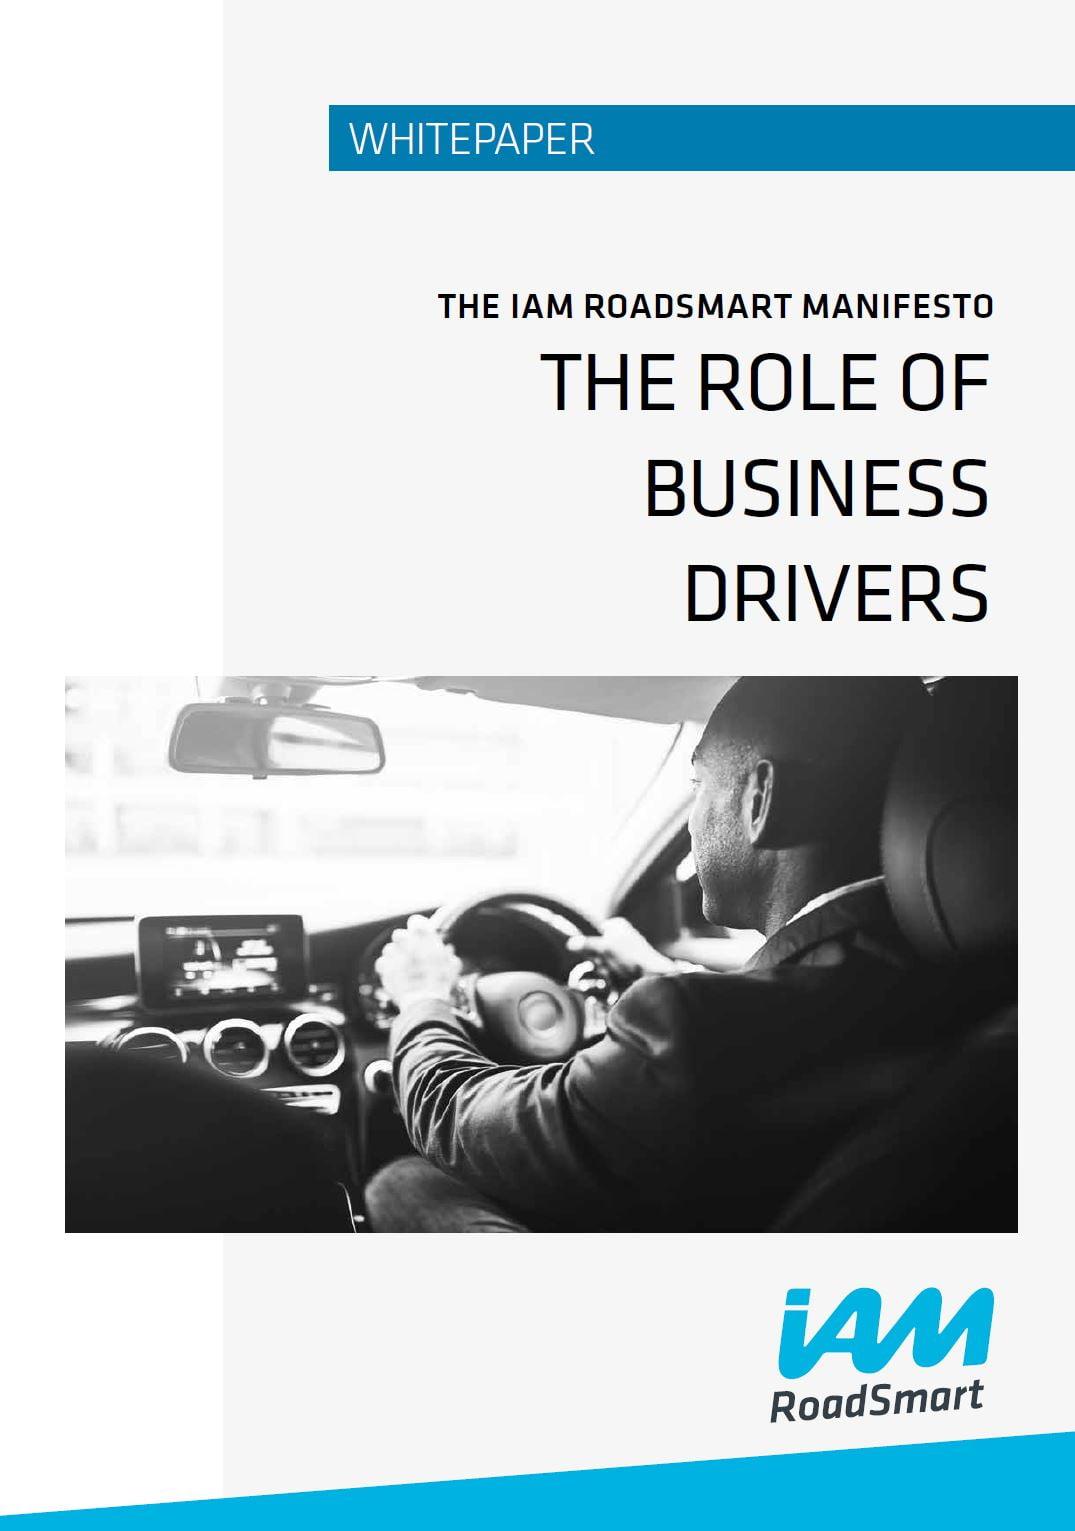 Manifesto Whitepaper Cover